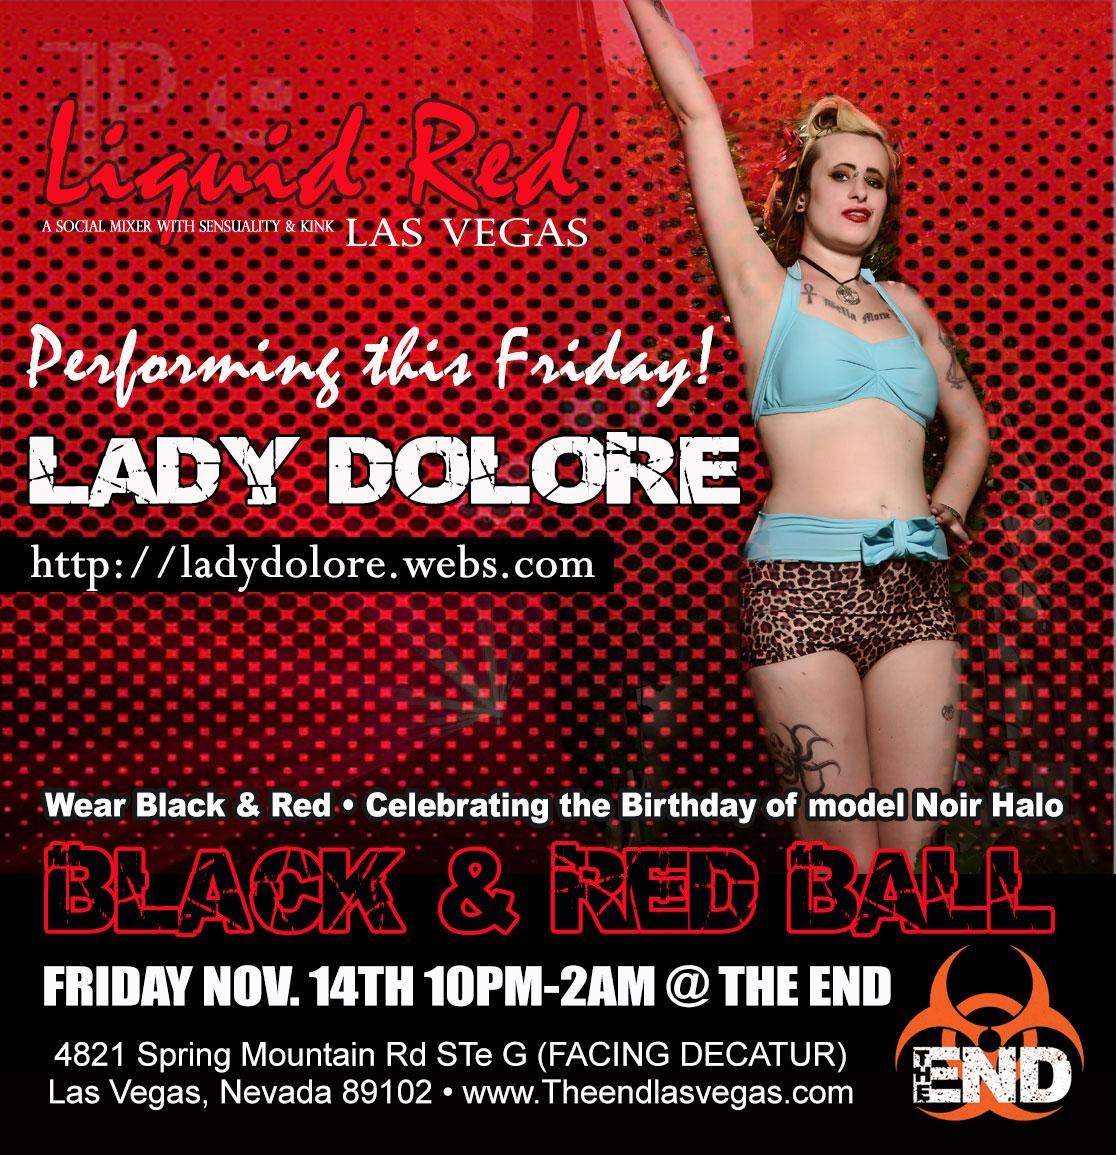 Lady Dolore